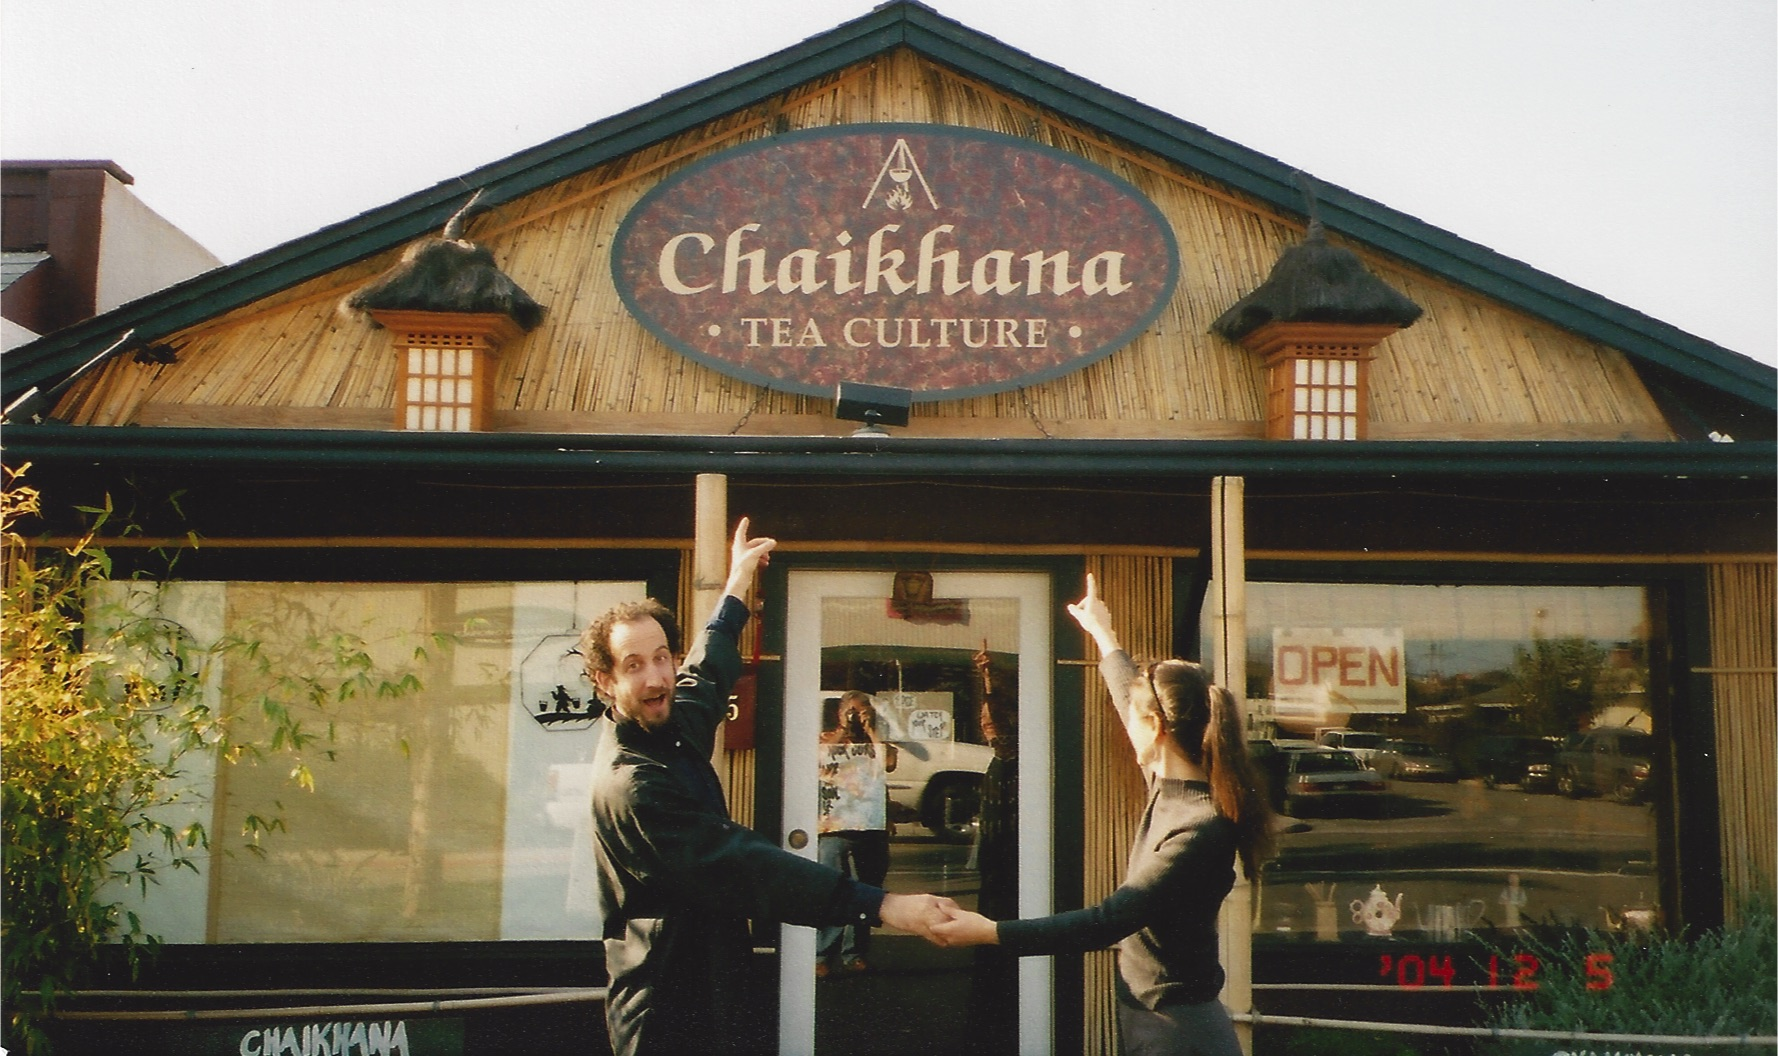 Chaikhana Tea Culture on 41st Ave